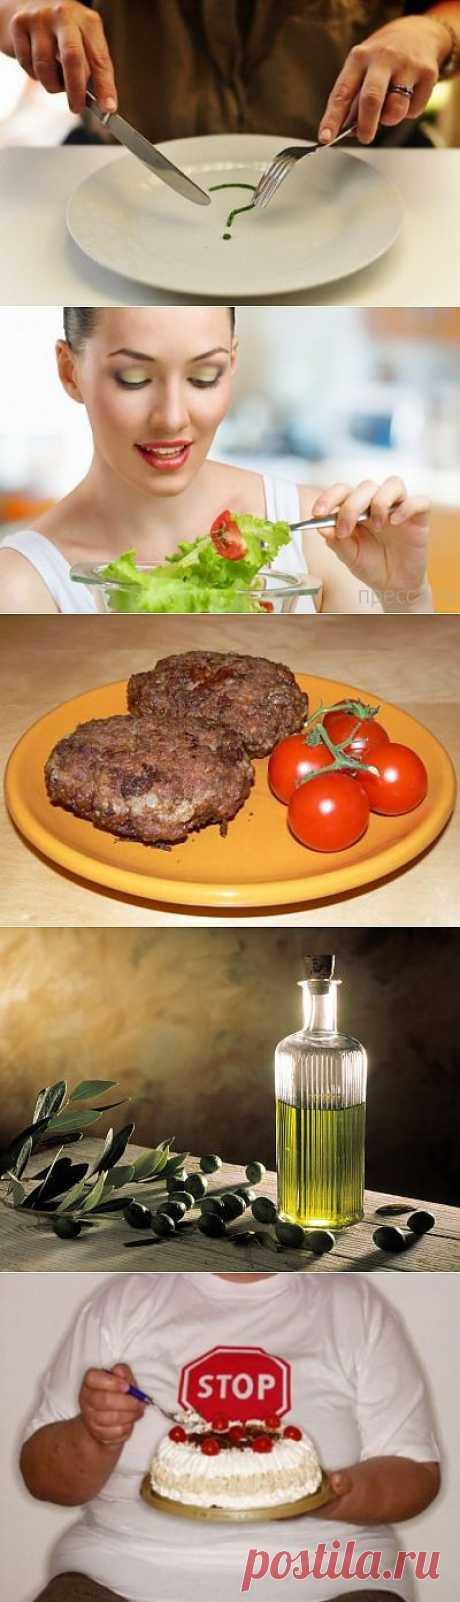 Как питаться, чтобы худеть. Общие принципы   ПолонСил.ру - социальная сеть здоровья